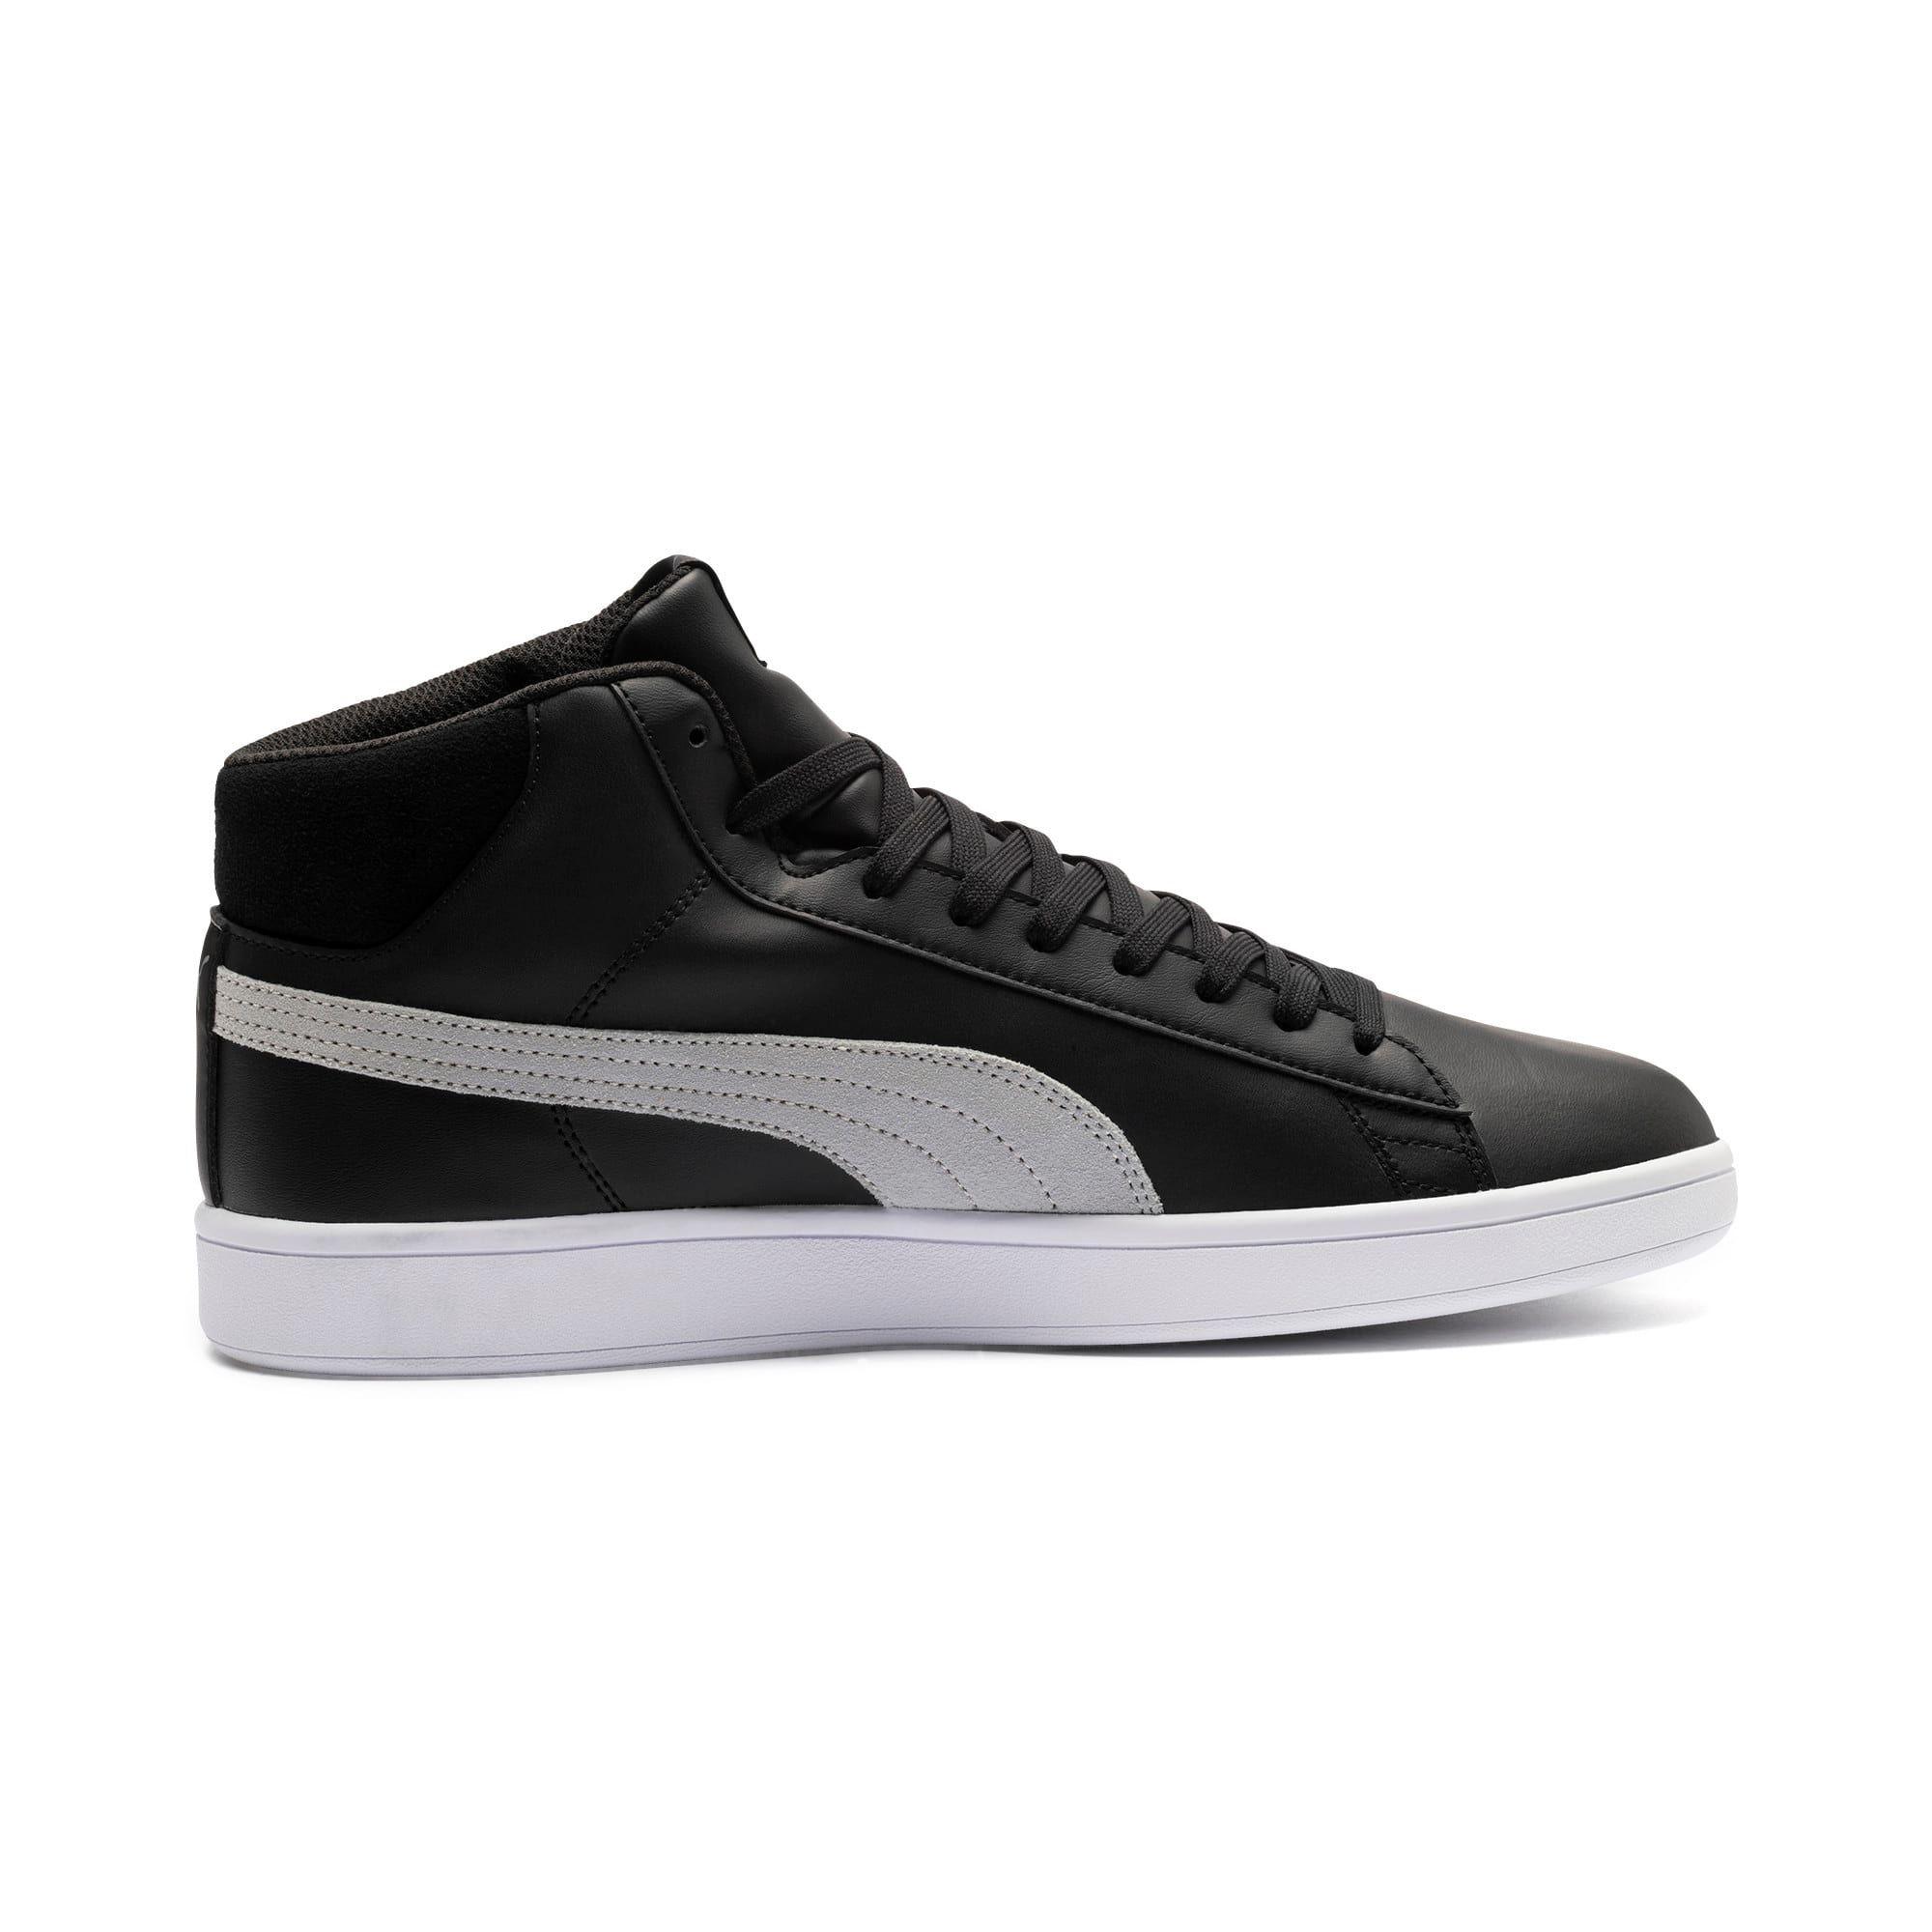 Chaussure montante Smash v2 Mid PureTEX | High tops, Puma